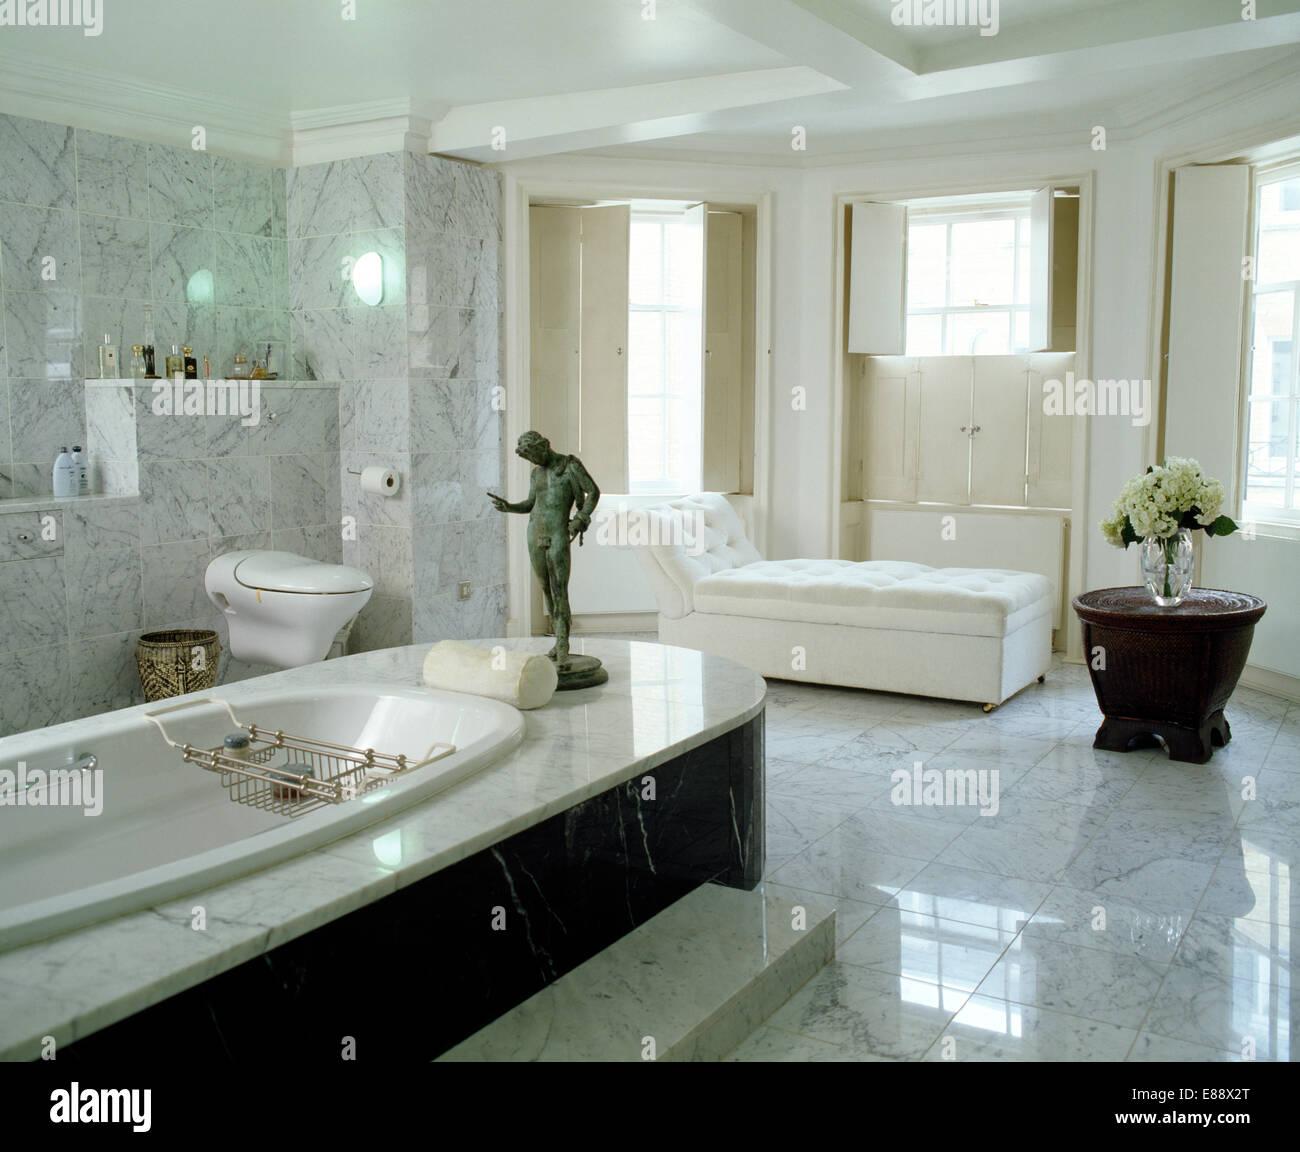 Klassische Bronzestatue auf Marmor verkleidete Bad in blass grau ...